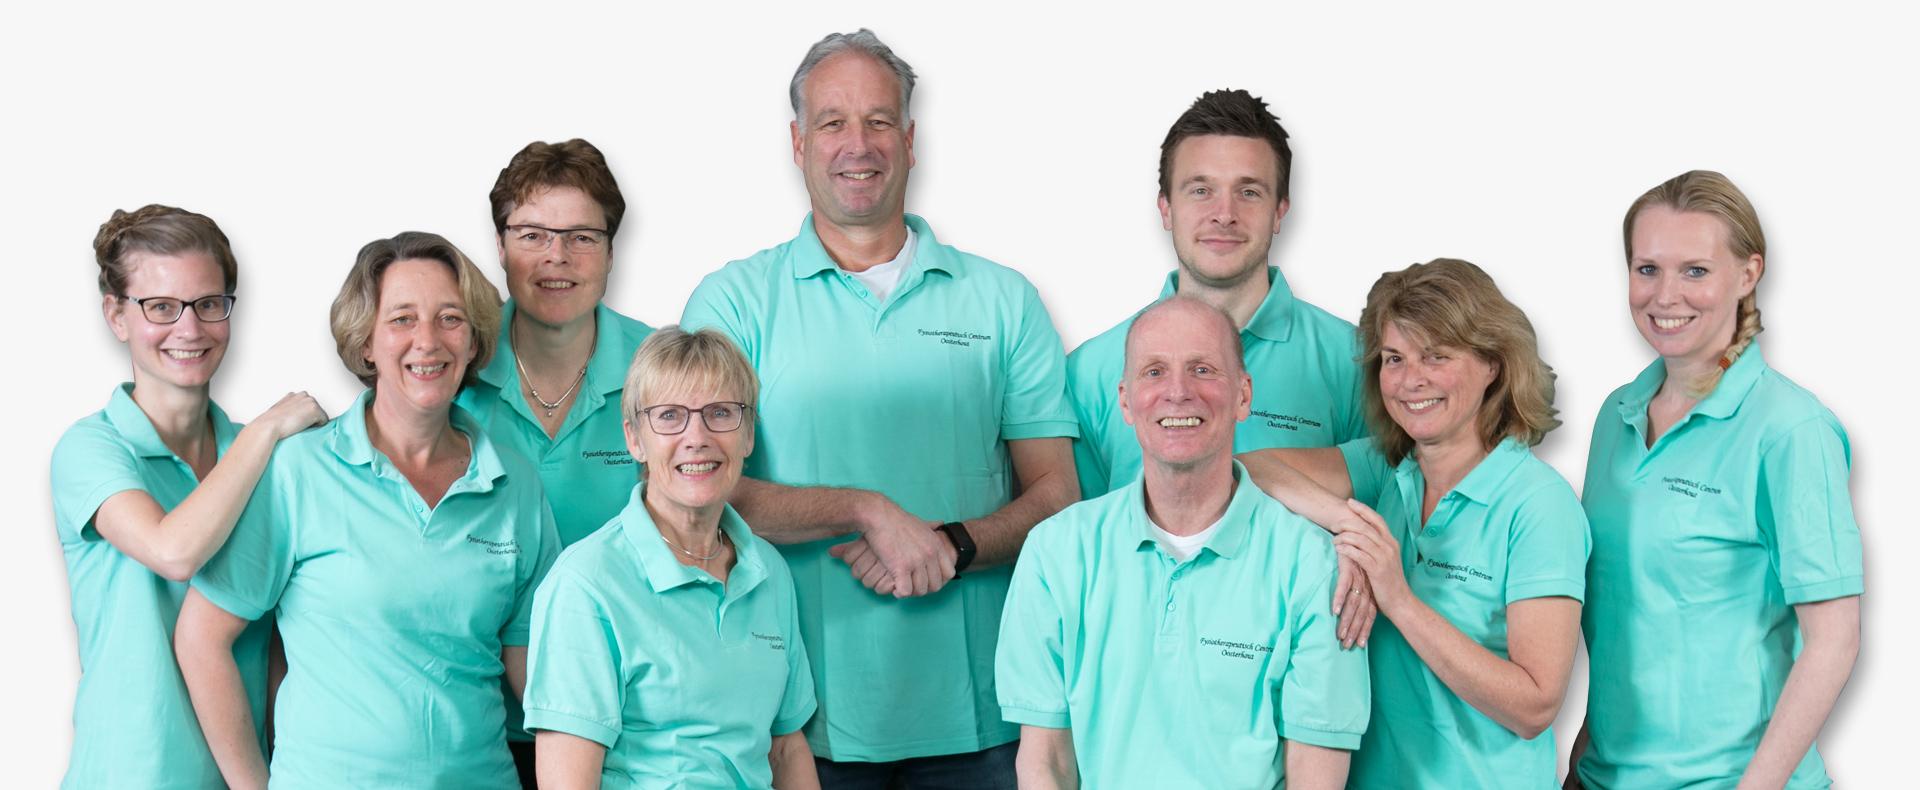 FysiotherapeutischCentrumOosterhout_teamfoto